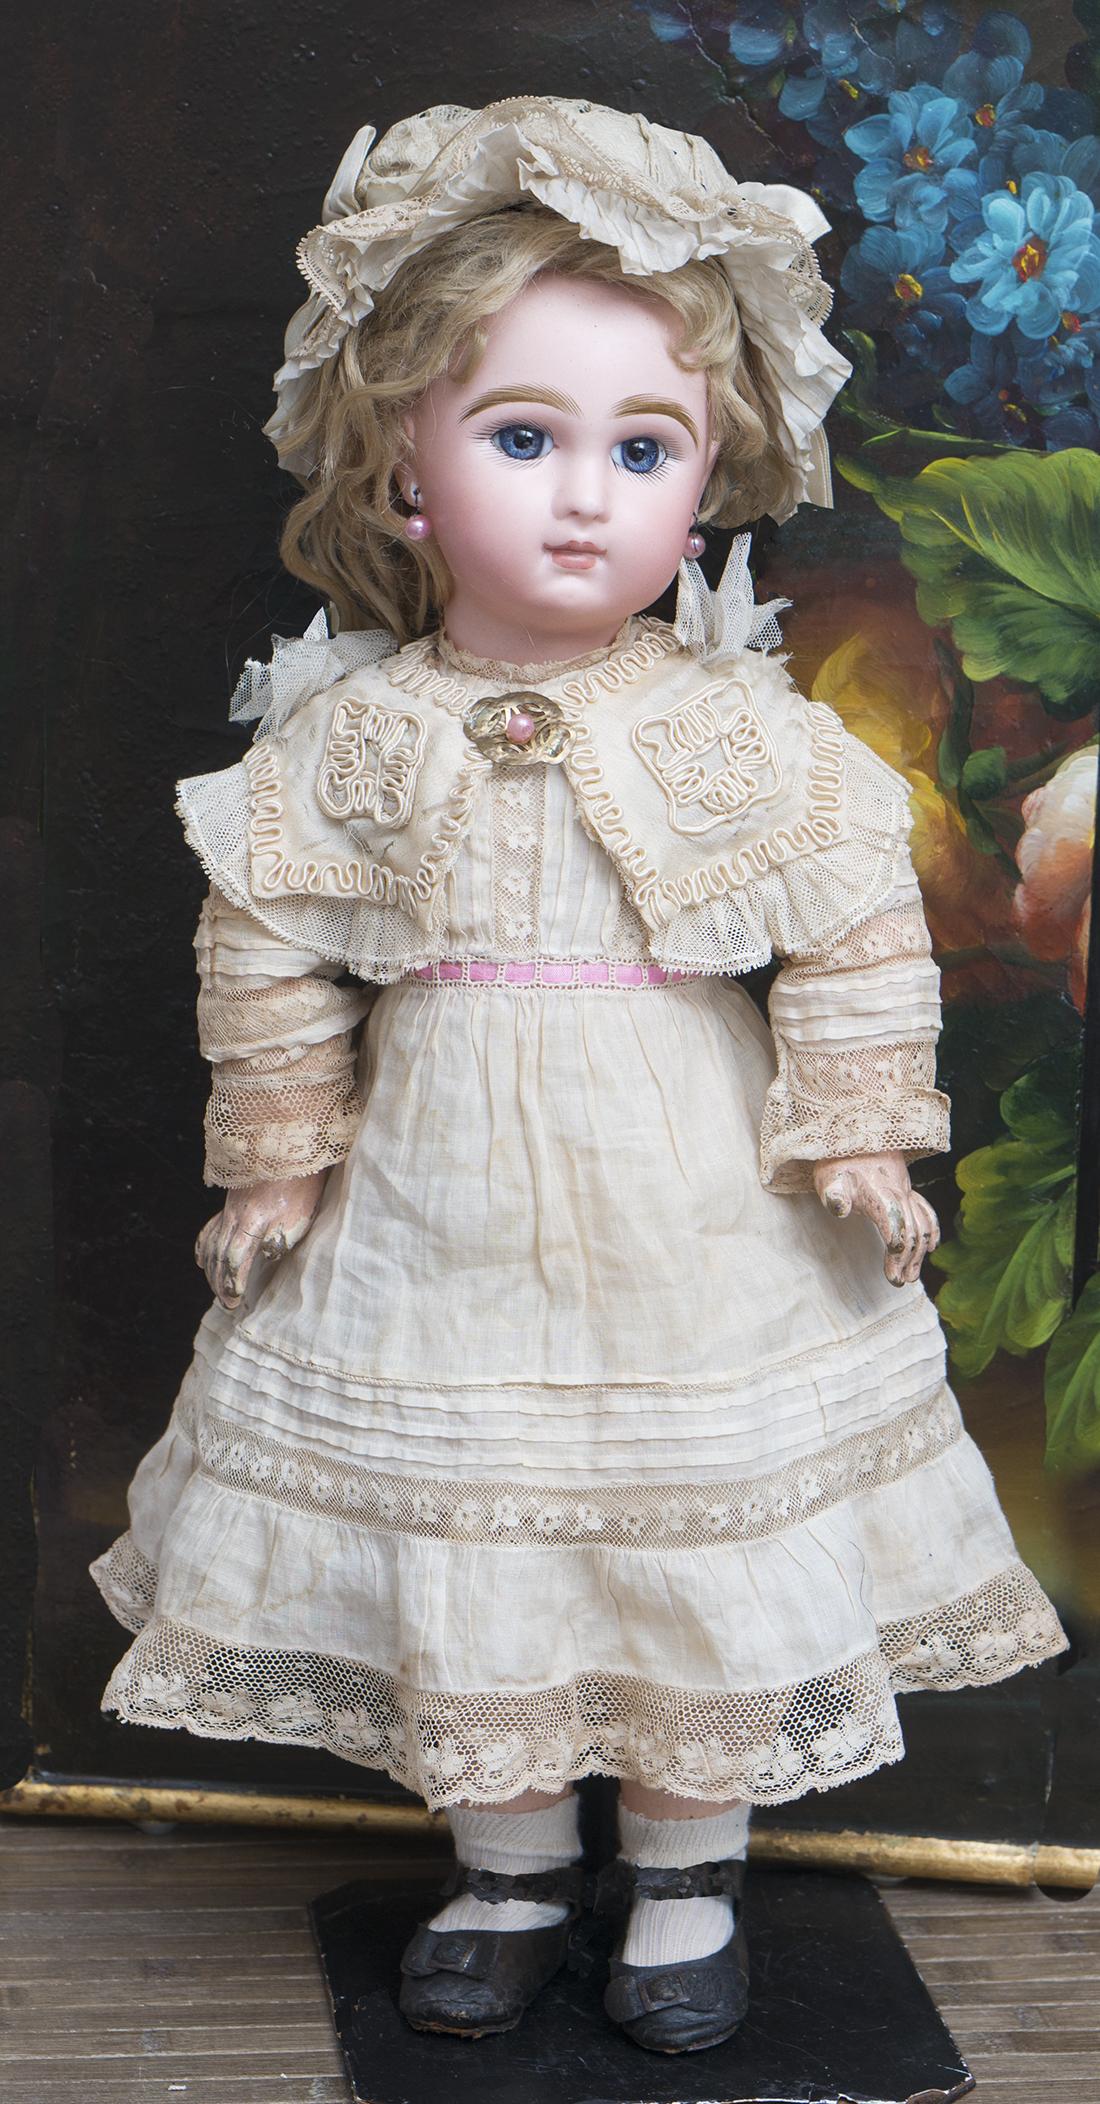 18in (46 см) Кукла Jumeau  c закрытым ртом в оригинальном платье